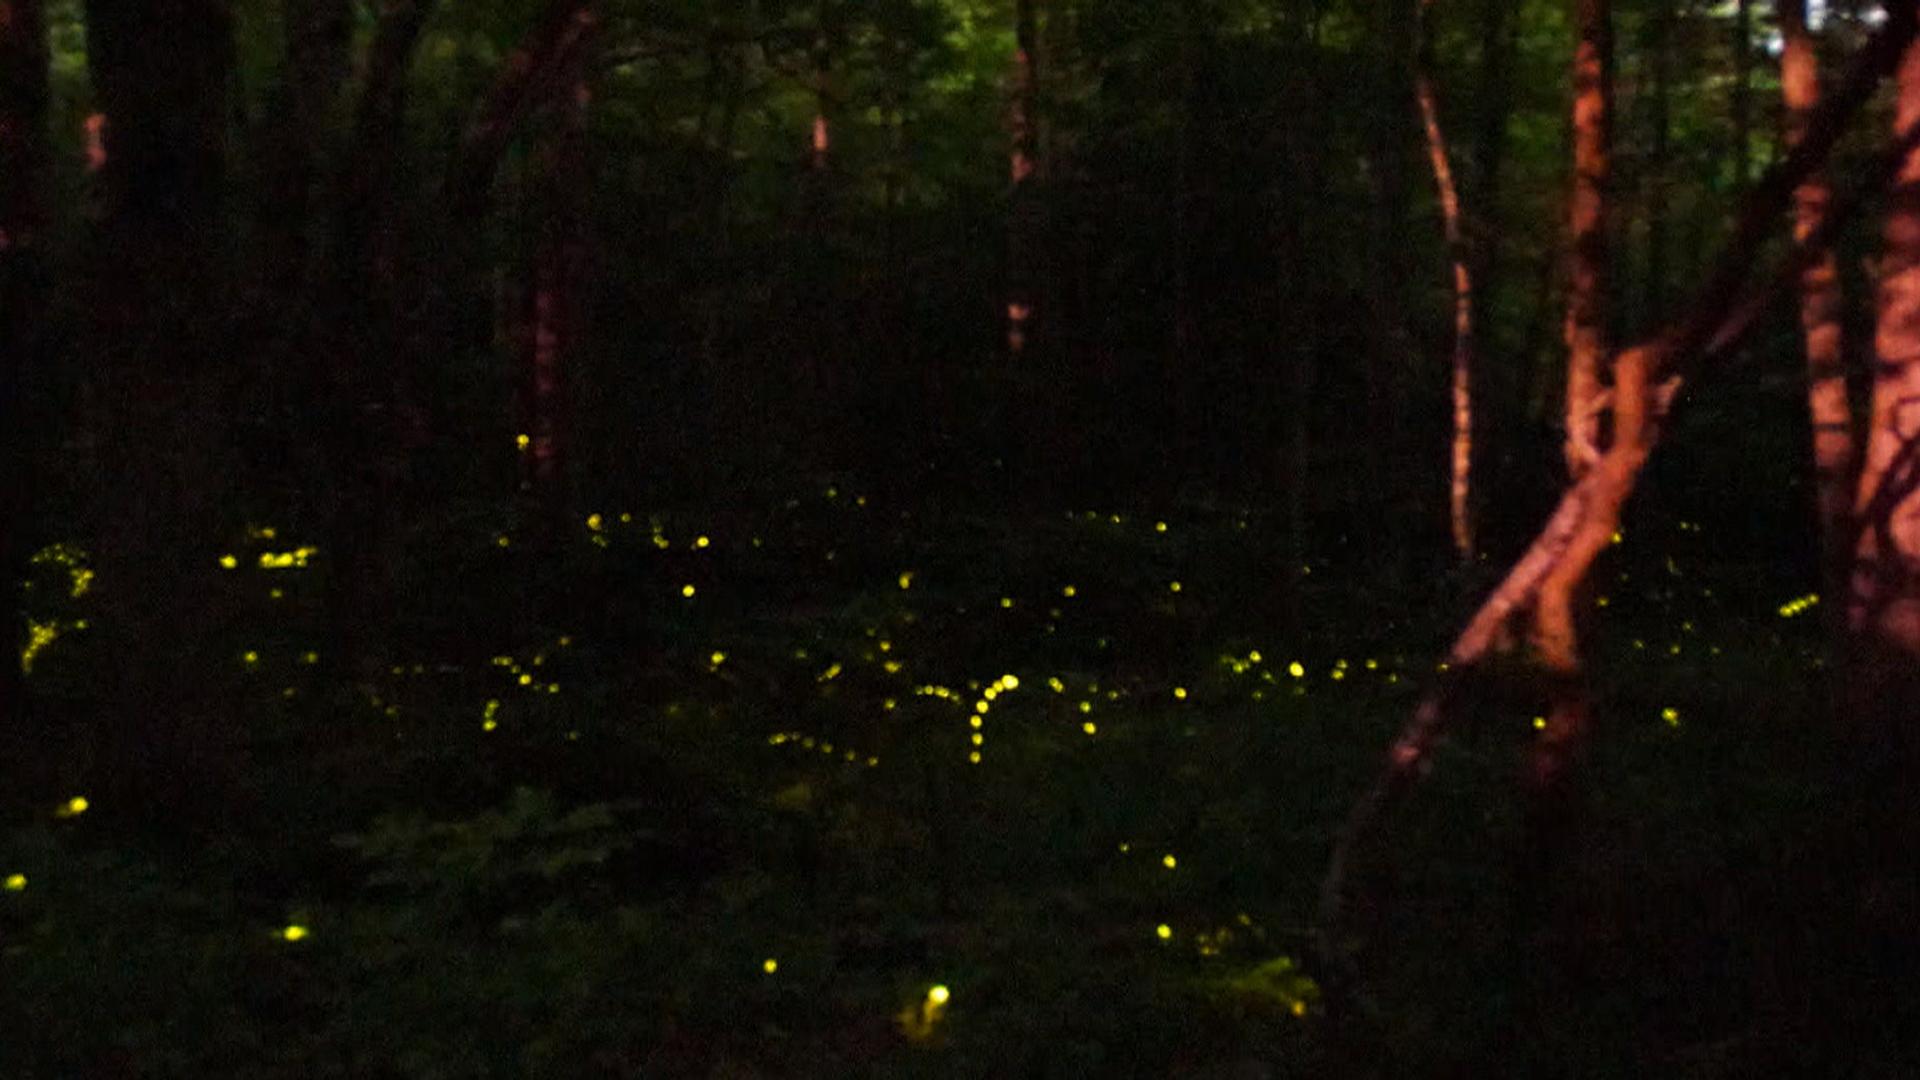 Watch: Fireflies create mother nature's light show - TODAY.com